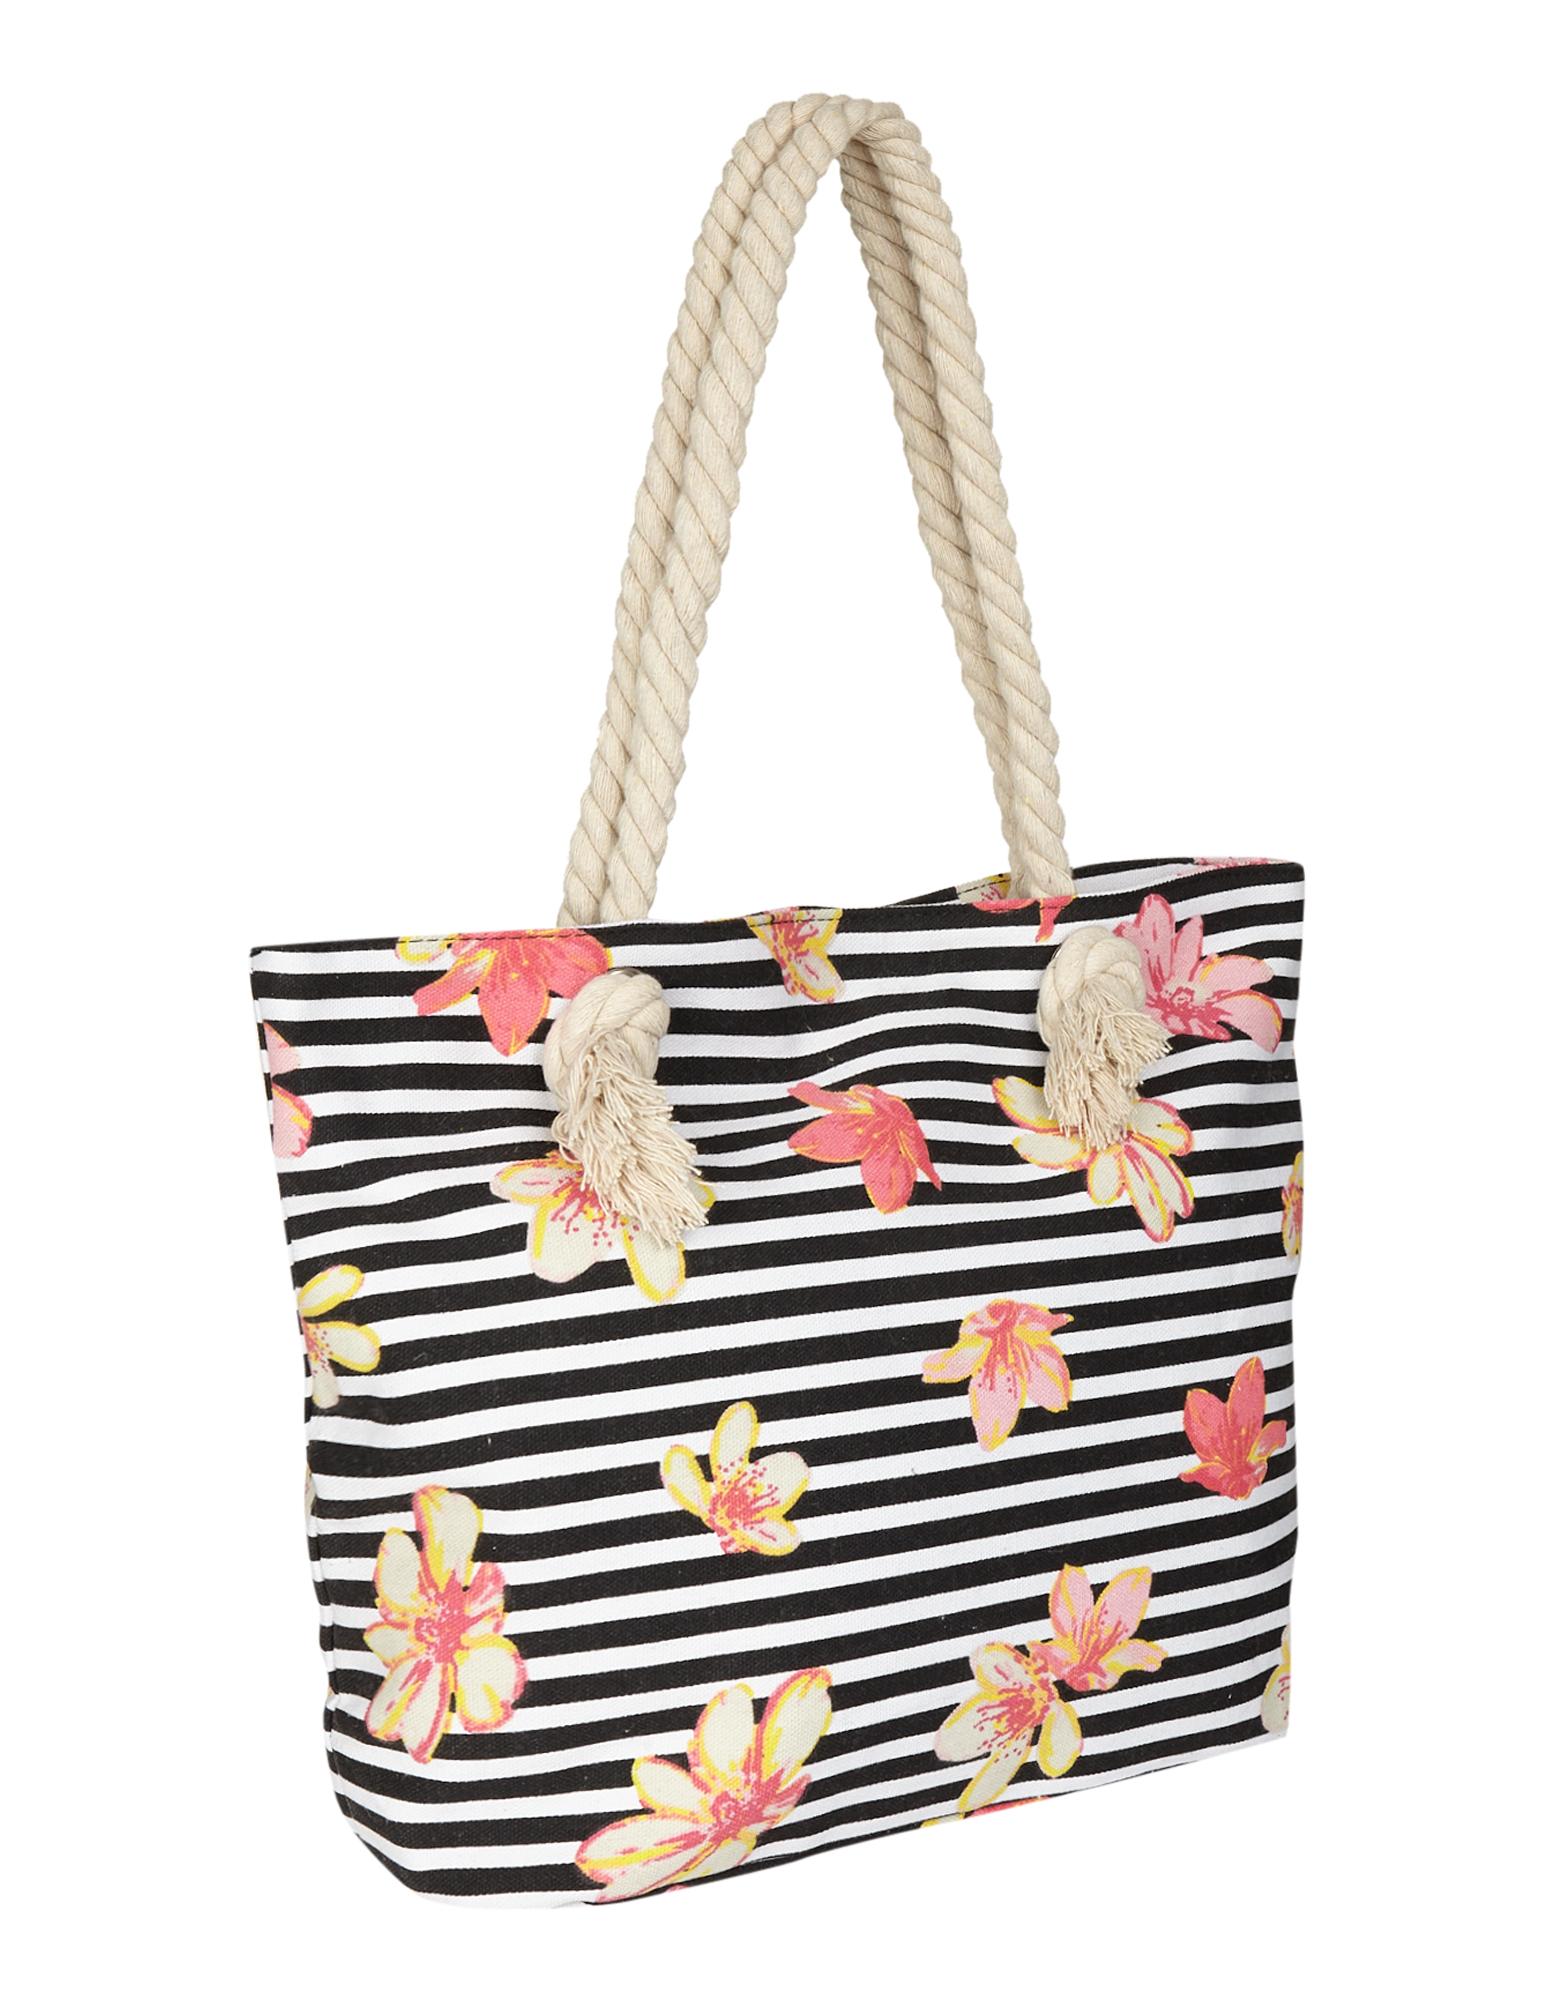 Colours of the World Damen Strandtasche mit Blumen- und Streifenmuster blau | 81620251020104